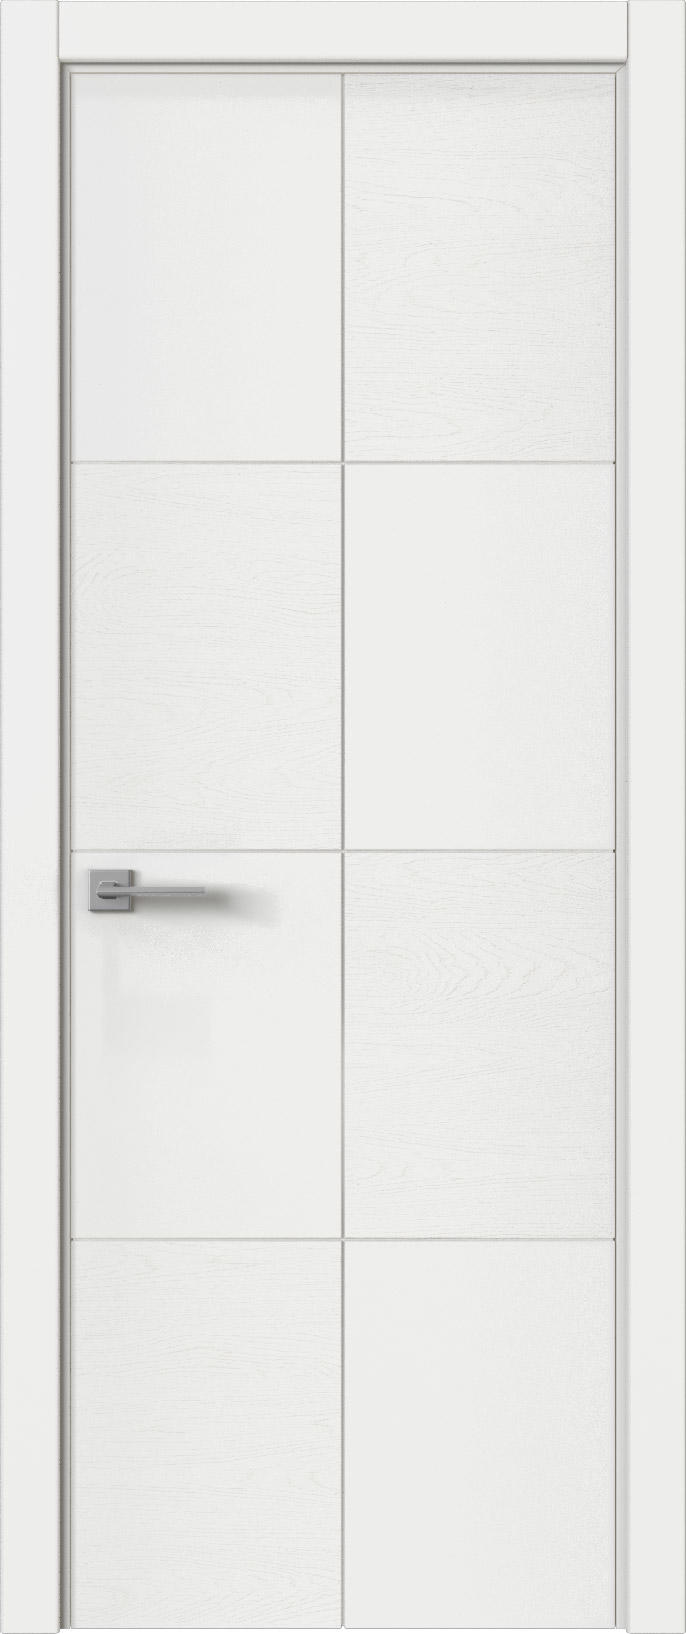 Tivoli Л-2 цвет - Белая эмаль-эмаль по шпону (RAL 9003) Без стекла (ДГ)